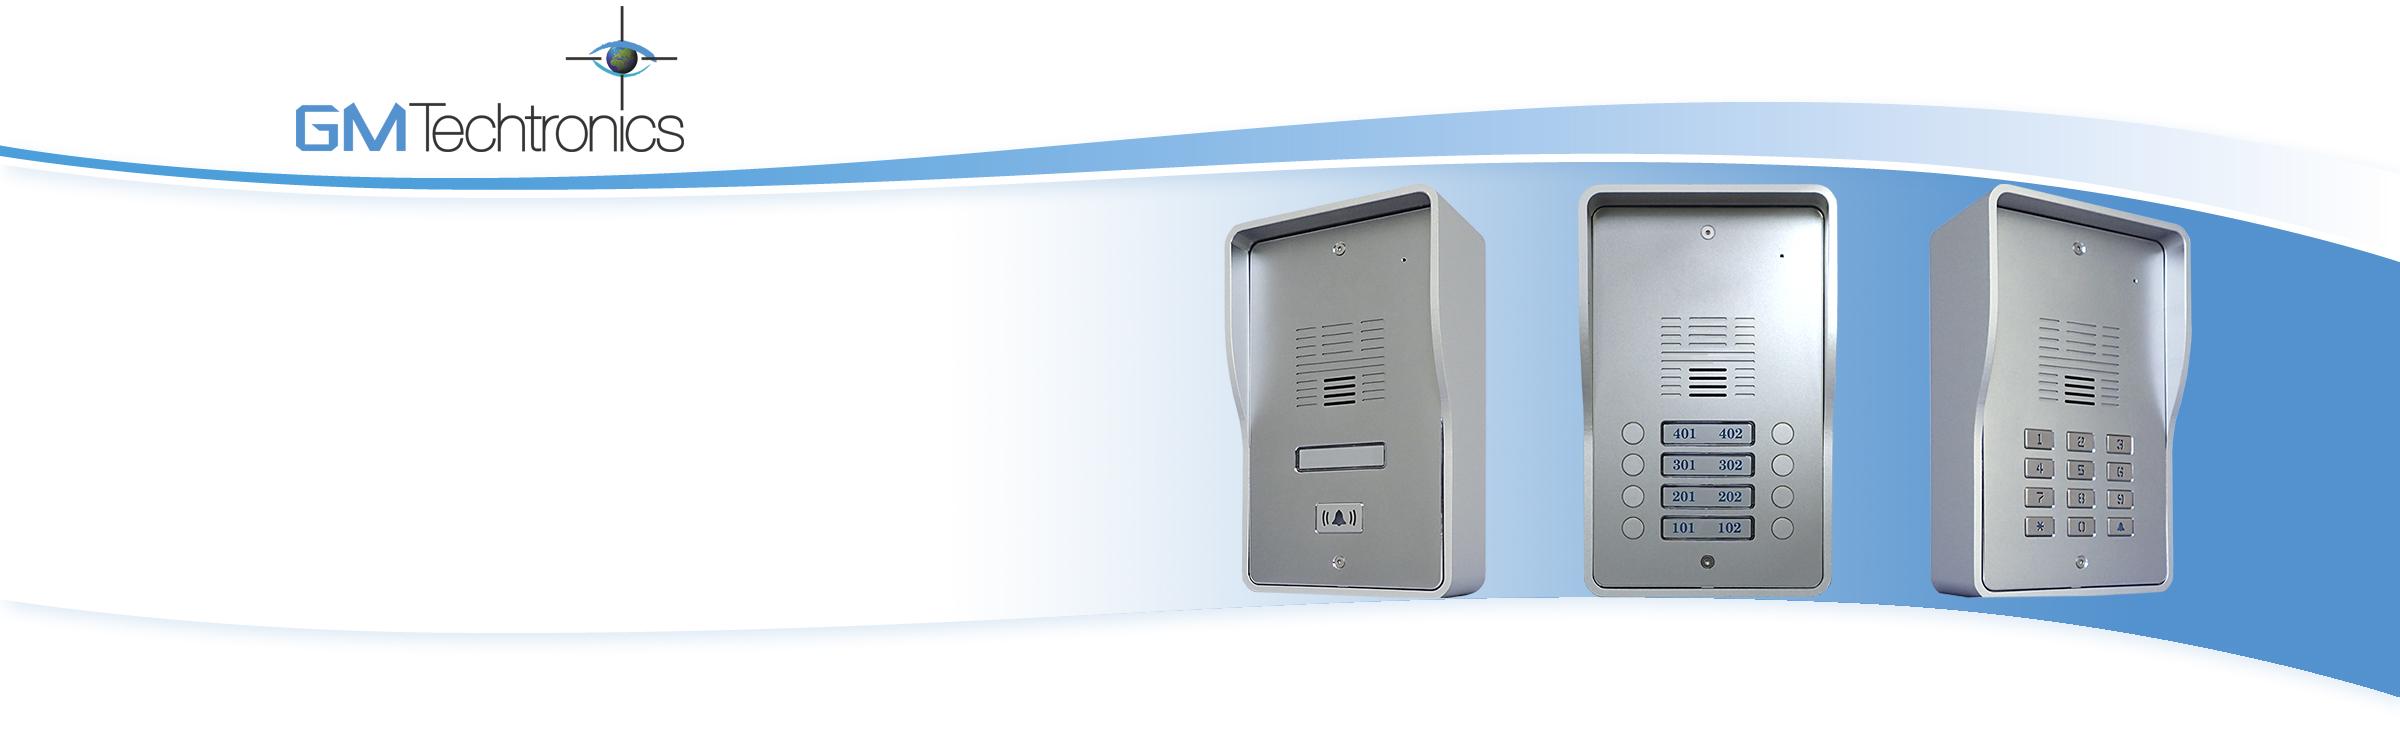 GM-Tech-slides-3G-Intercom